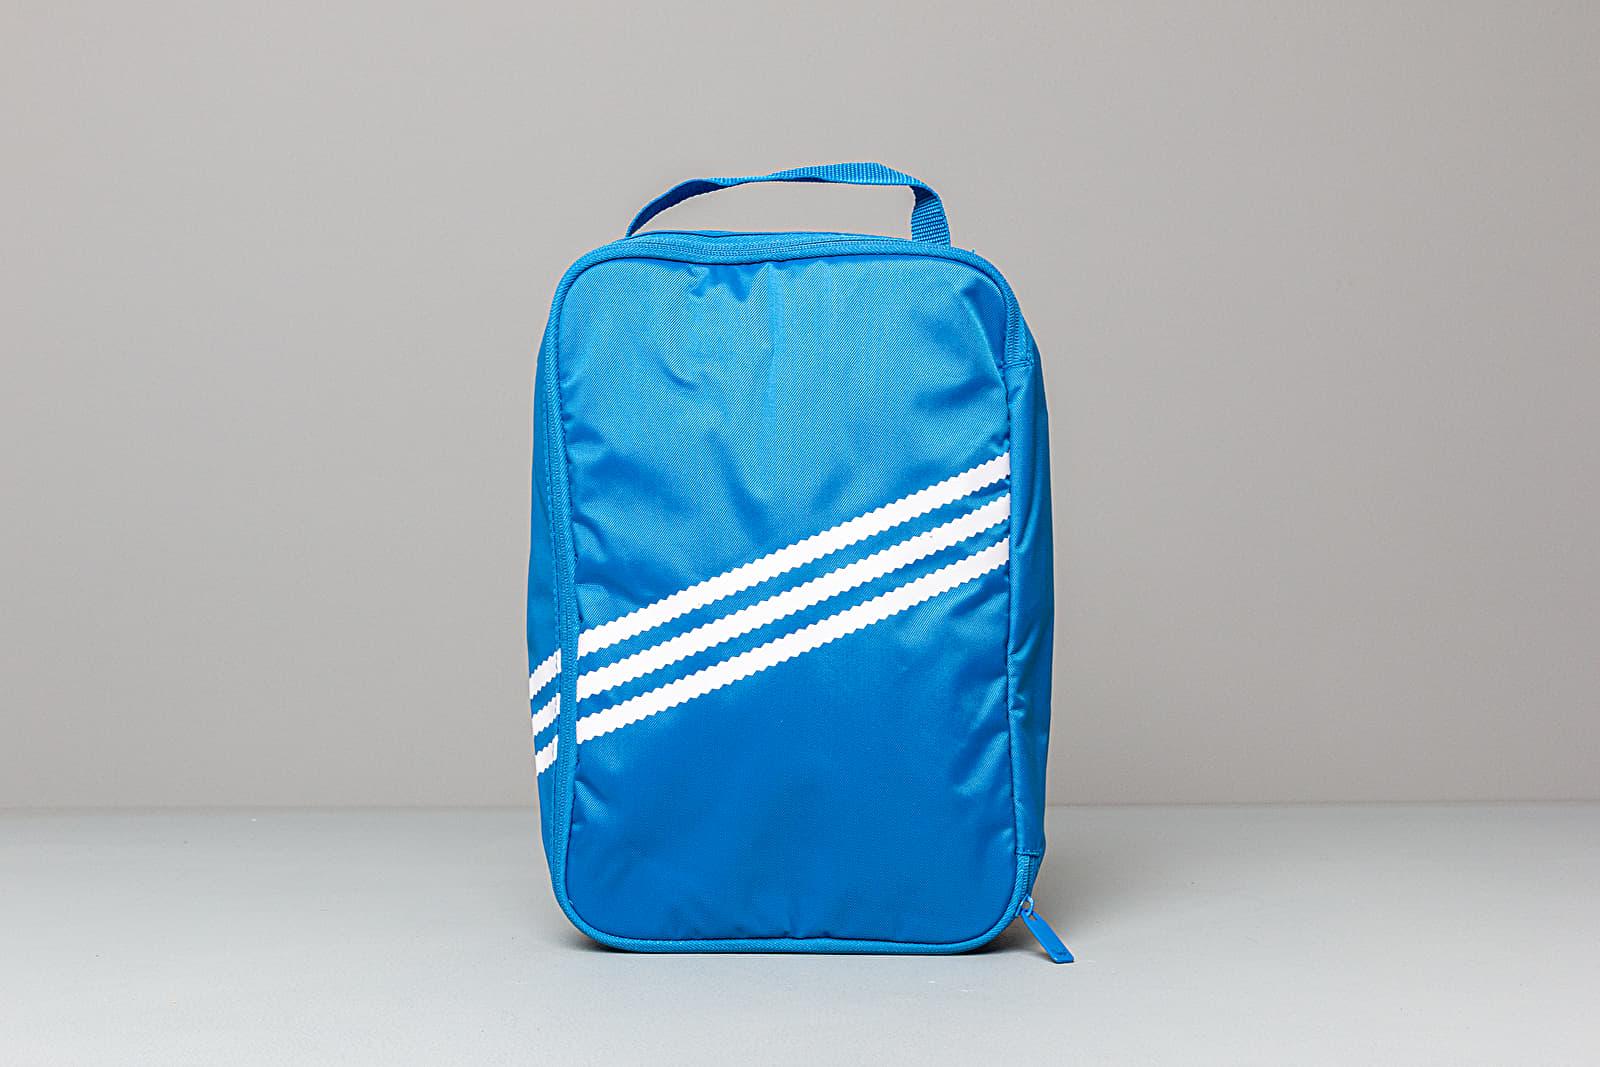 adidas Sneaker Bag